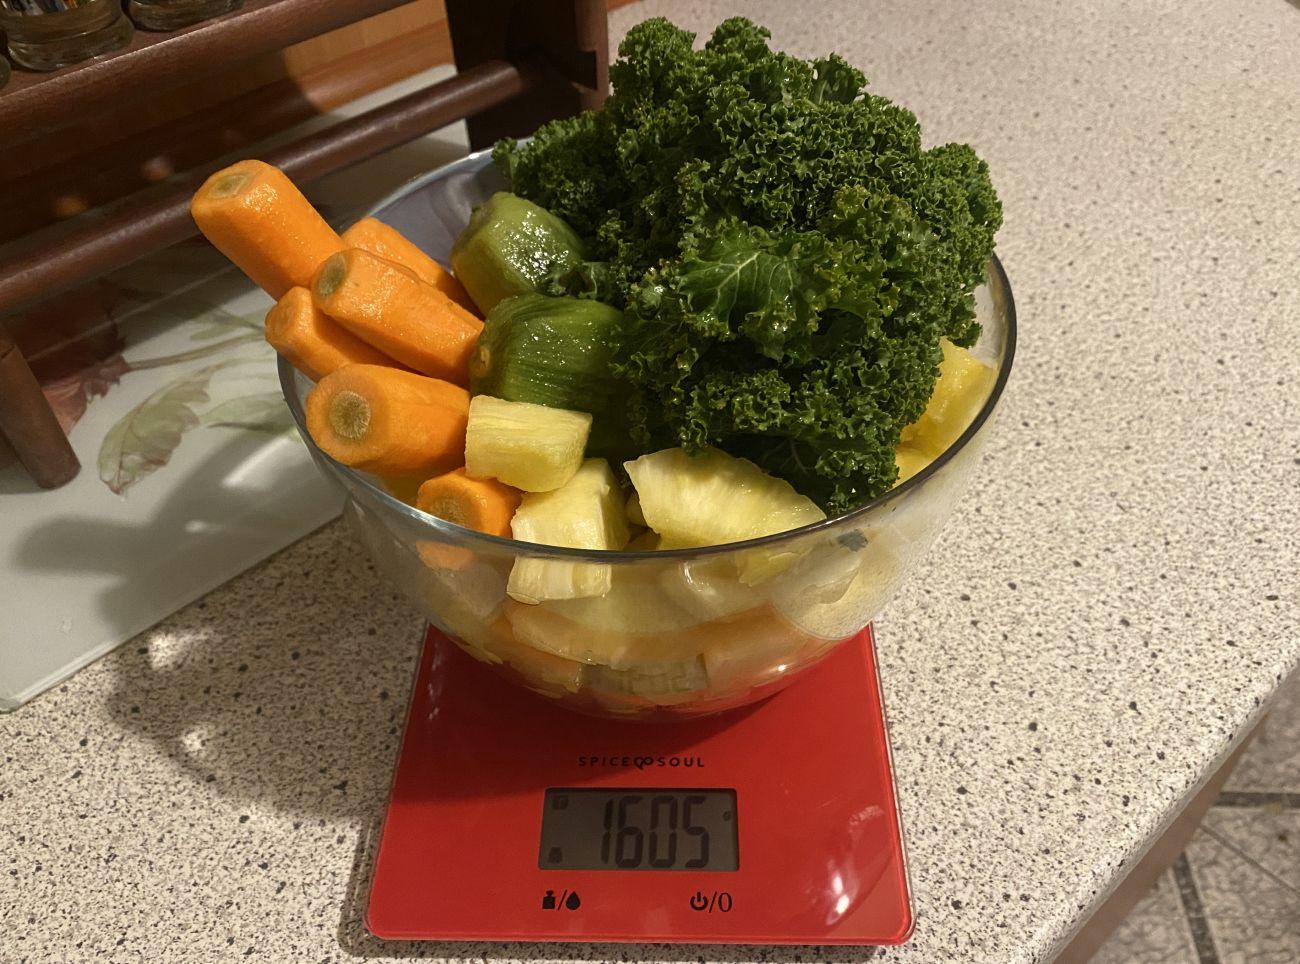 Kuvings EVO820 Plus ważenie składników przed testem wyciskania soku warzywno-owocowego 1